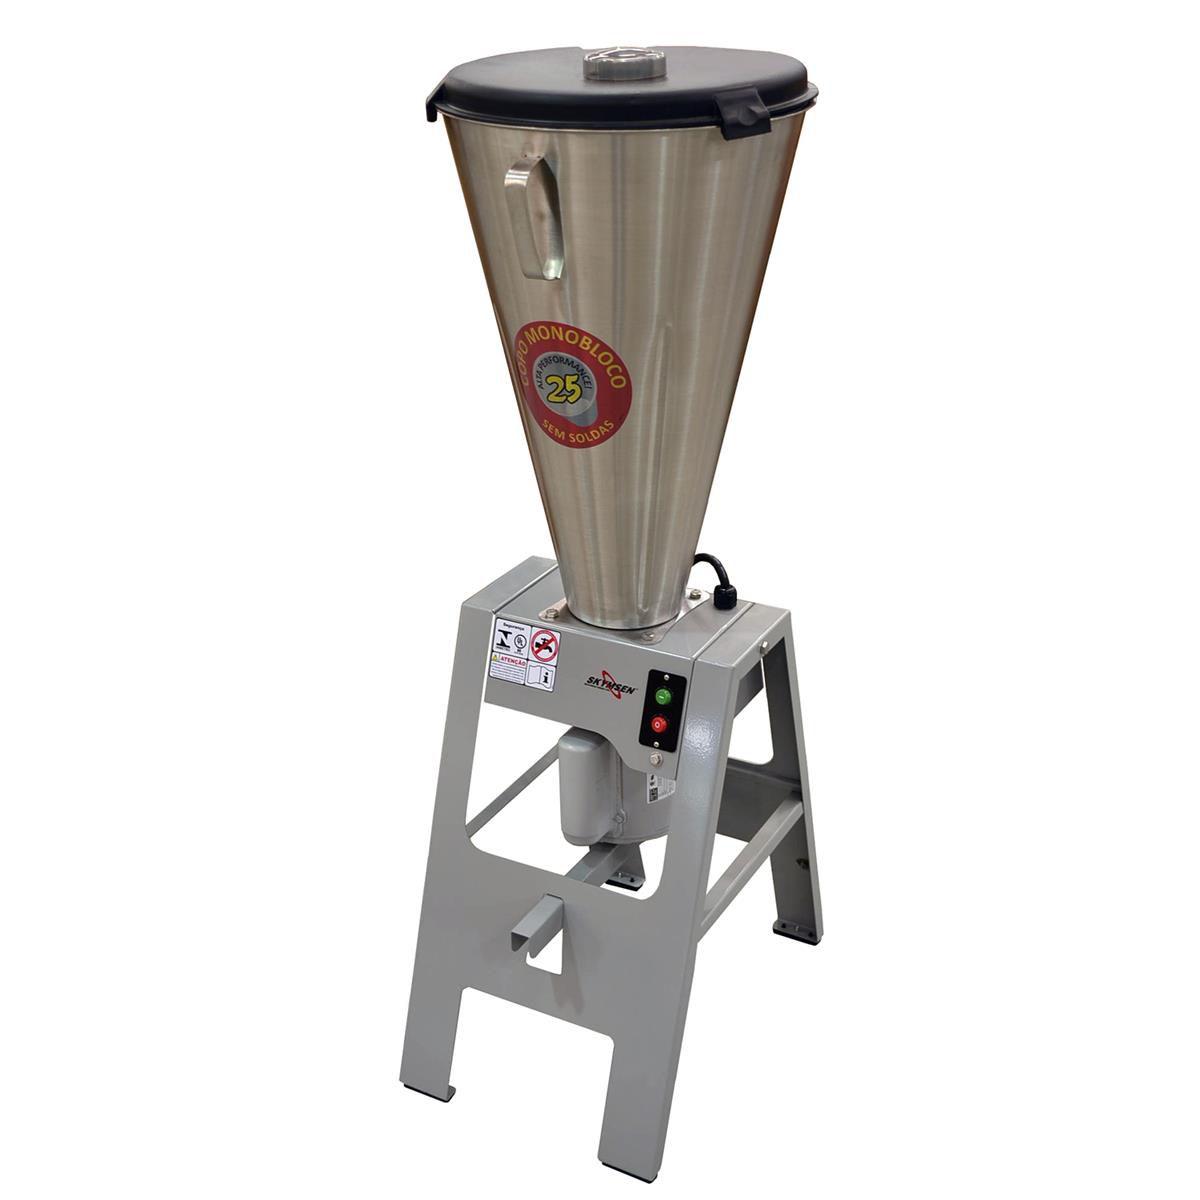 Liquidificador Comercial Basculante Copo Monobloco Inox LAR-25MB 220v SKYMSEN